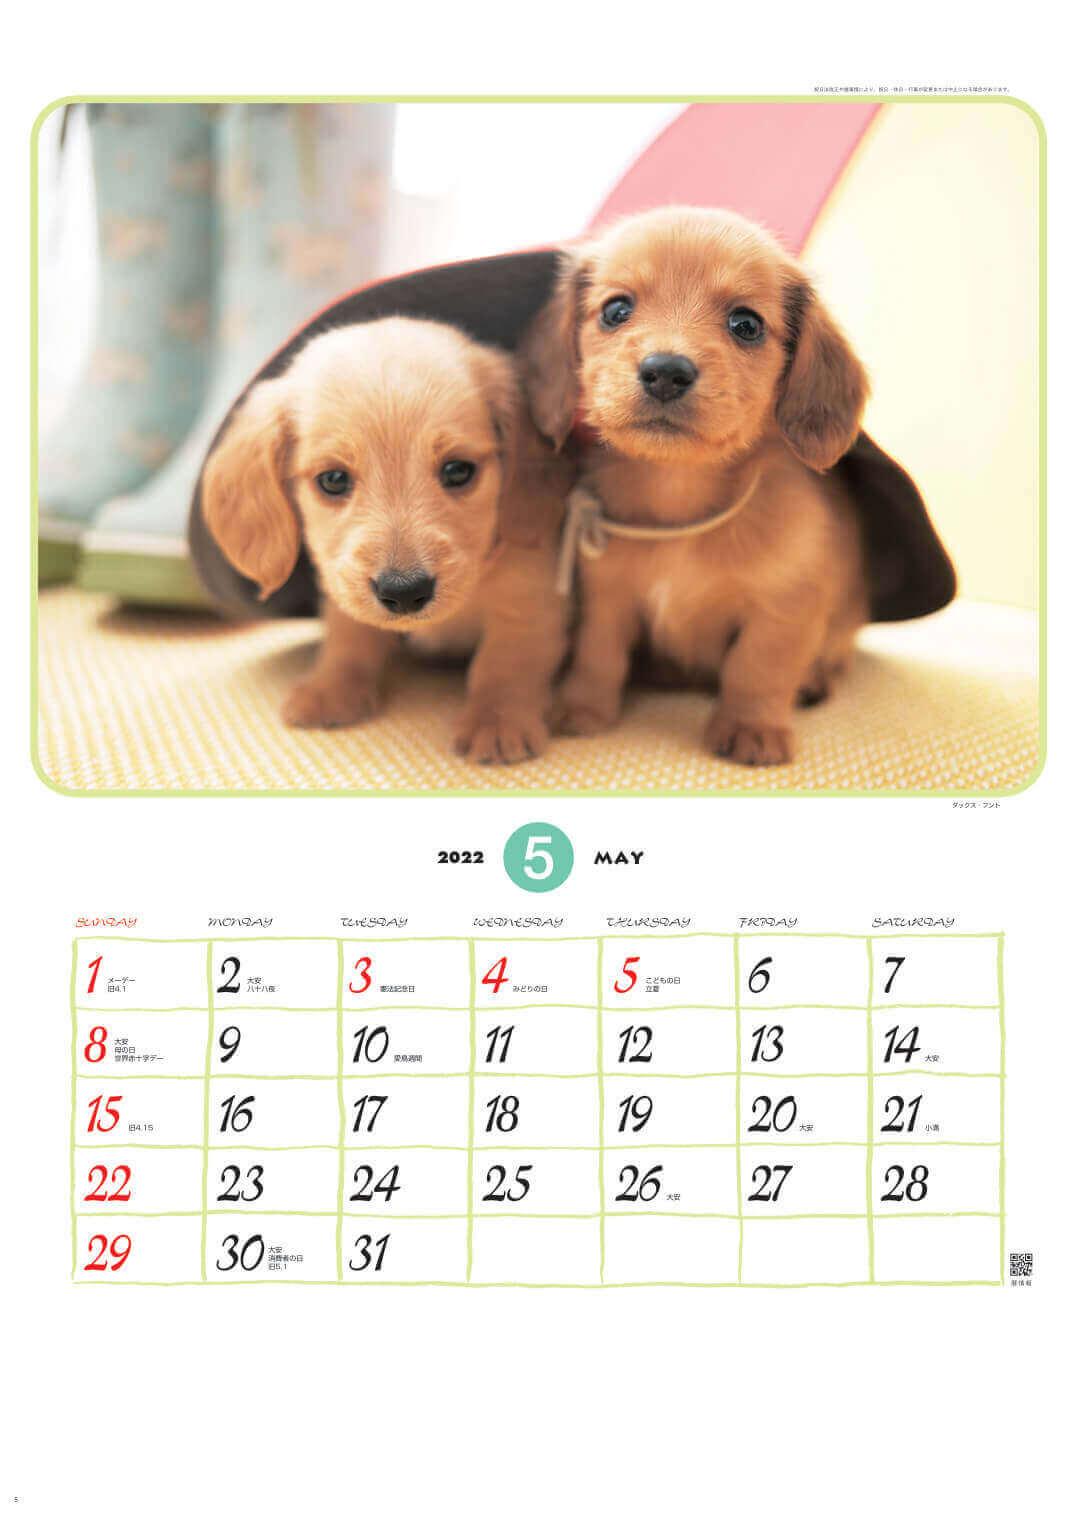 ダックス・フント リトルフレンド 2022年カレンダーの画像